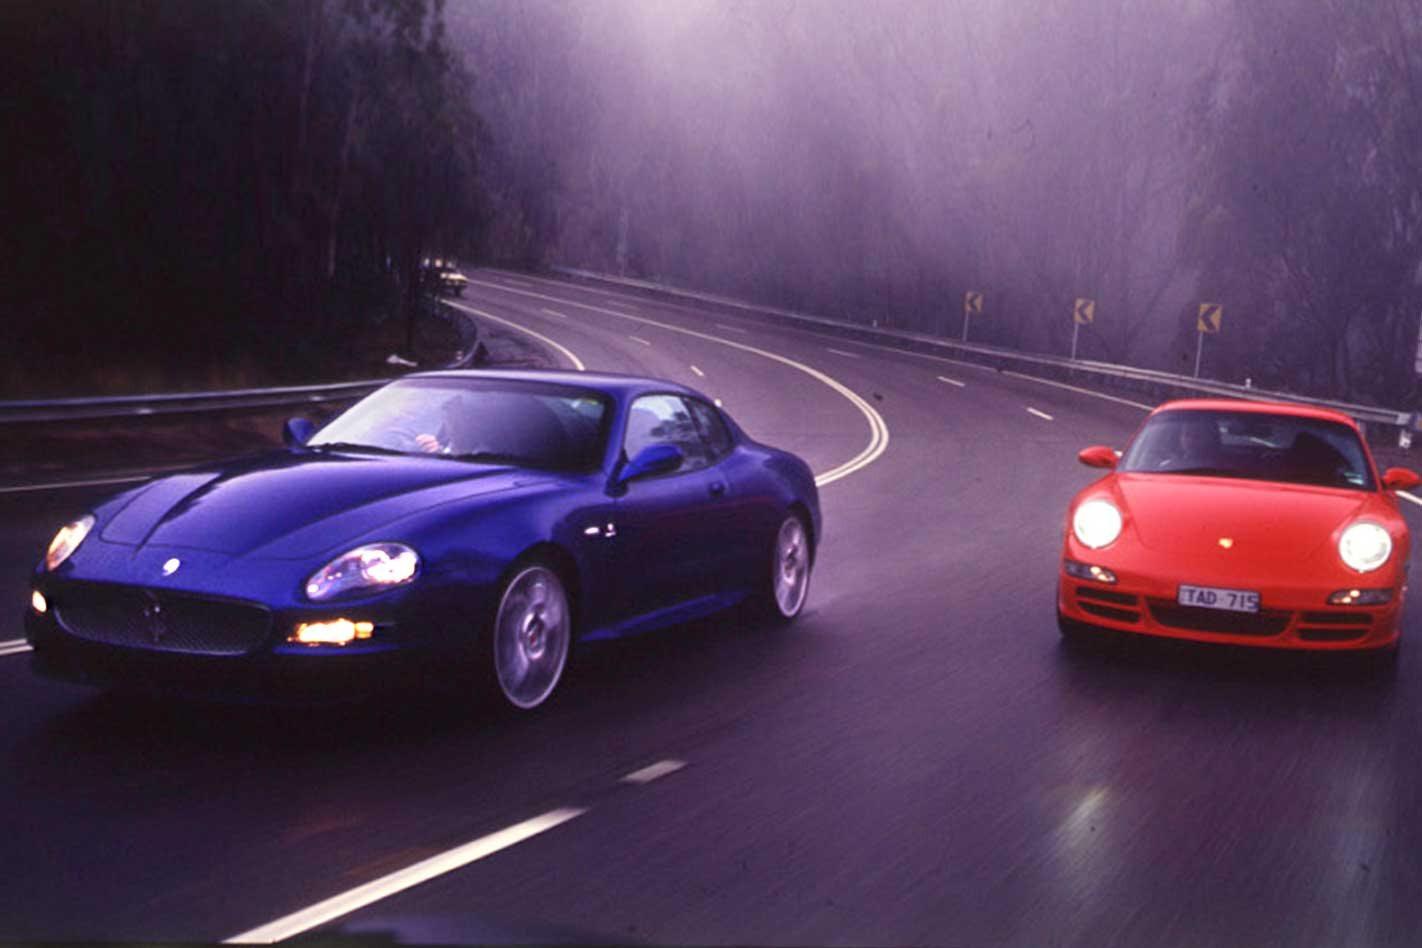 2005 Maserati GranSport vs Porsche 911 Carrera S comparison classic MOTOR